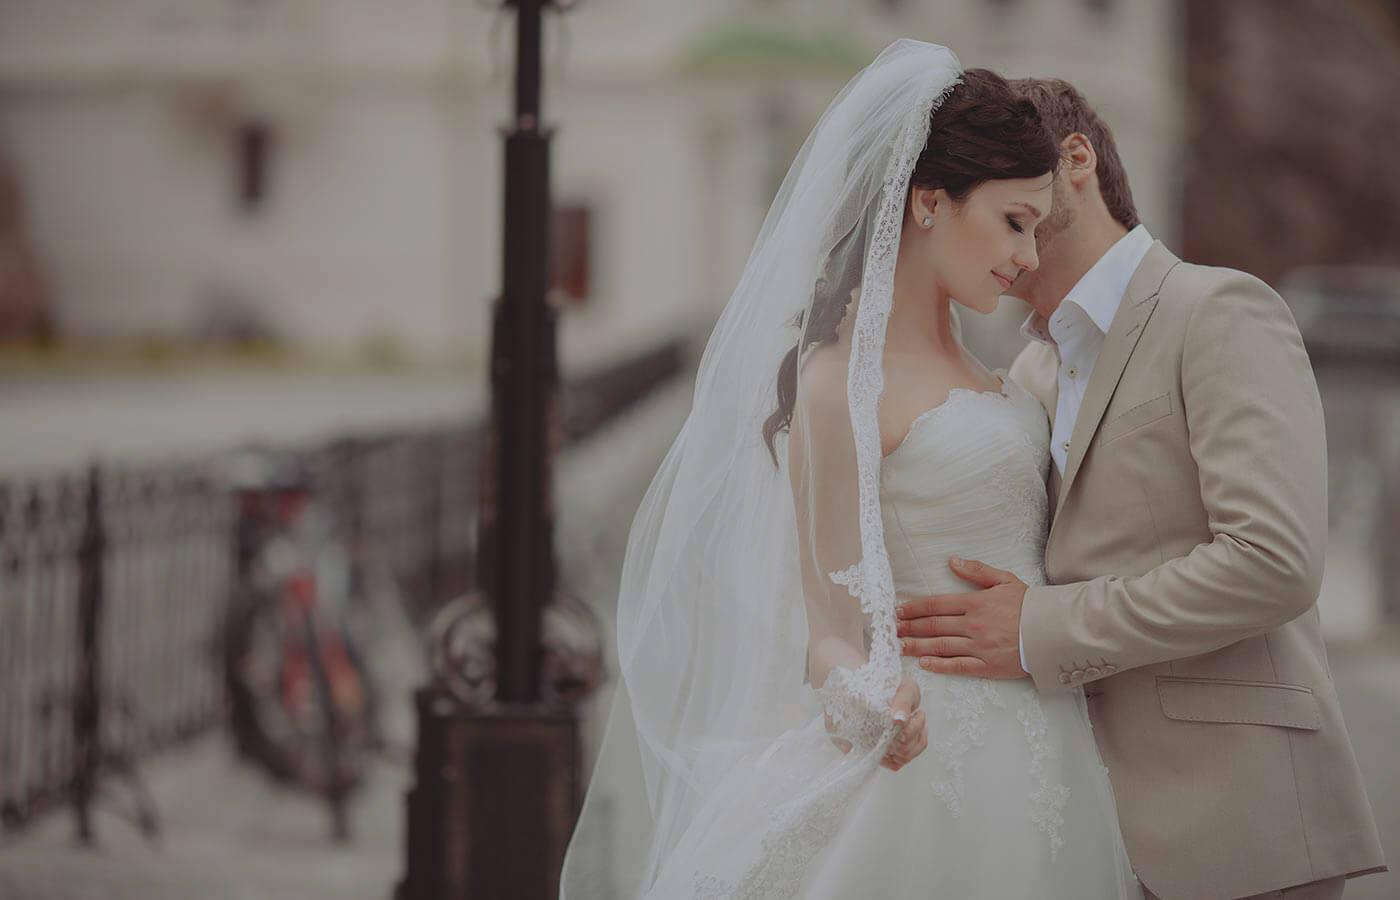 weddings_in_croatia_wedding_design_luxury_decoraton_wedding_planner_antropoti_luxury_weddings9-2